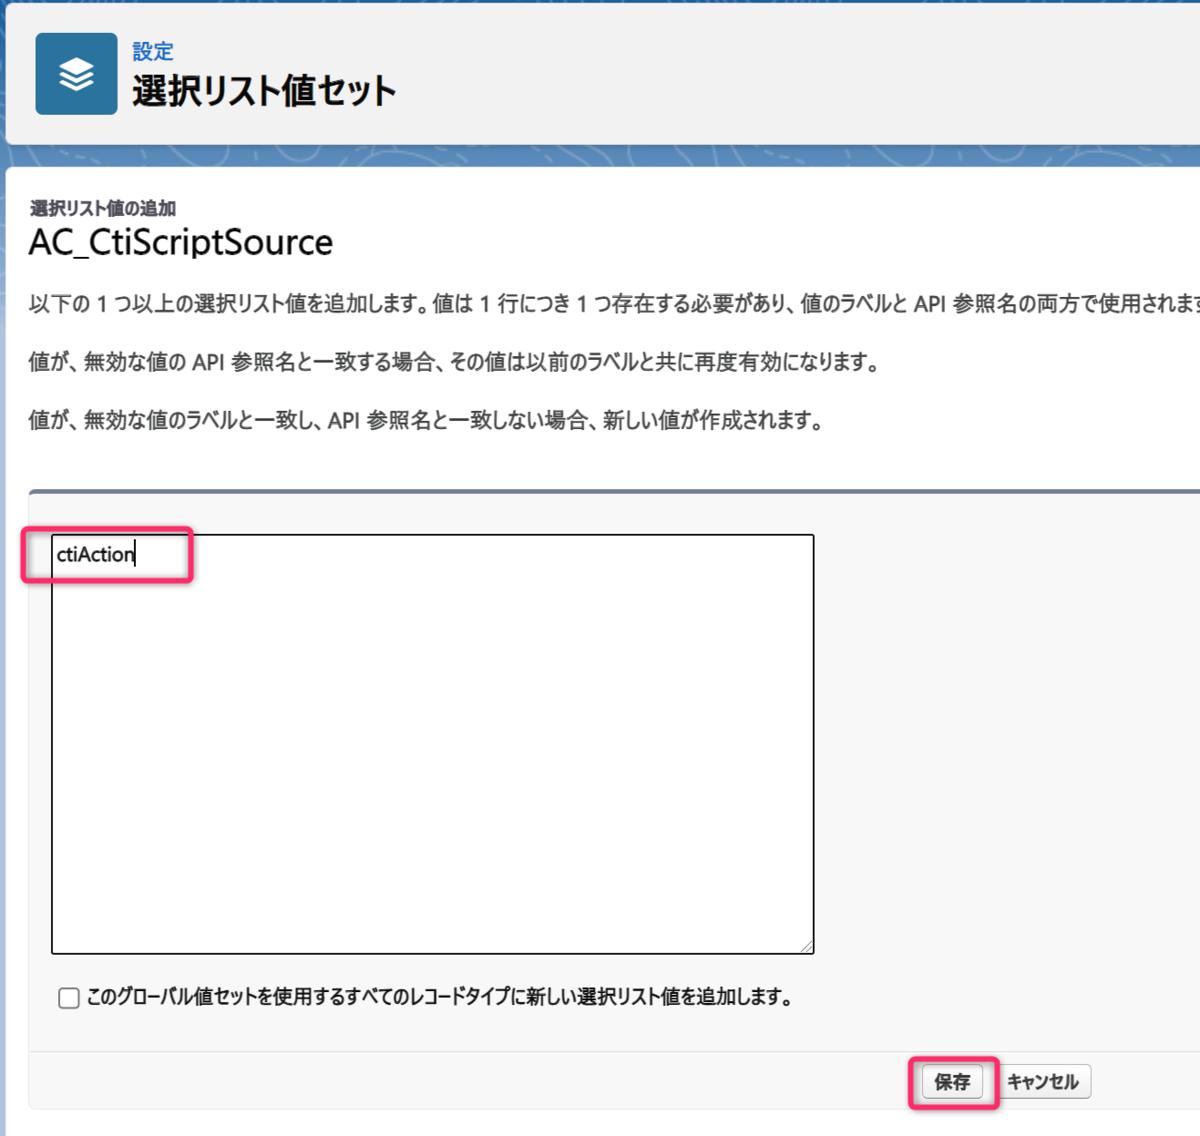 f:id:swx-shinsaka:20210602125024p:plain